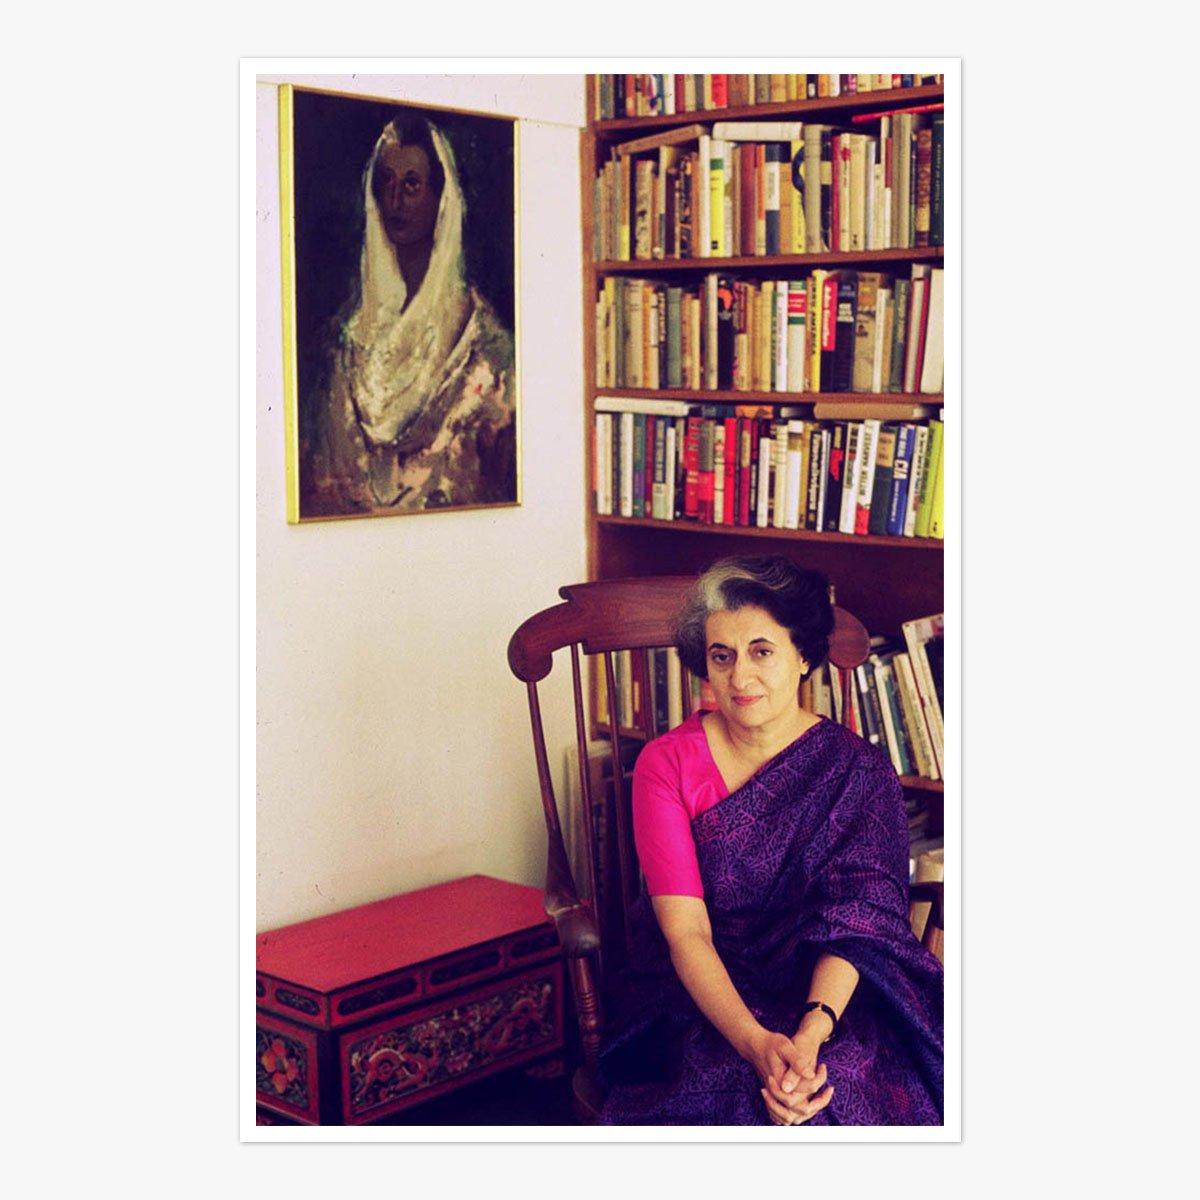 Indira Gandhi by Marilyn Stafford